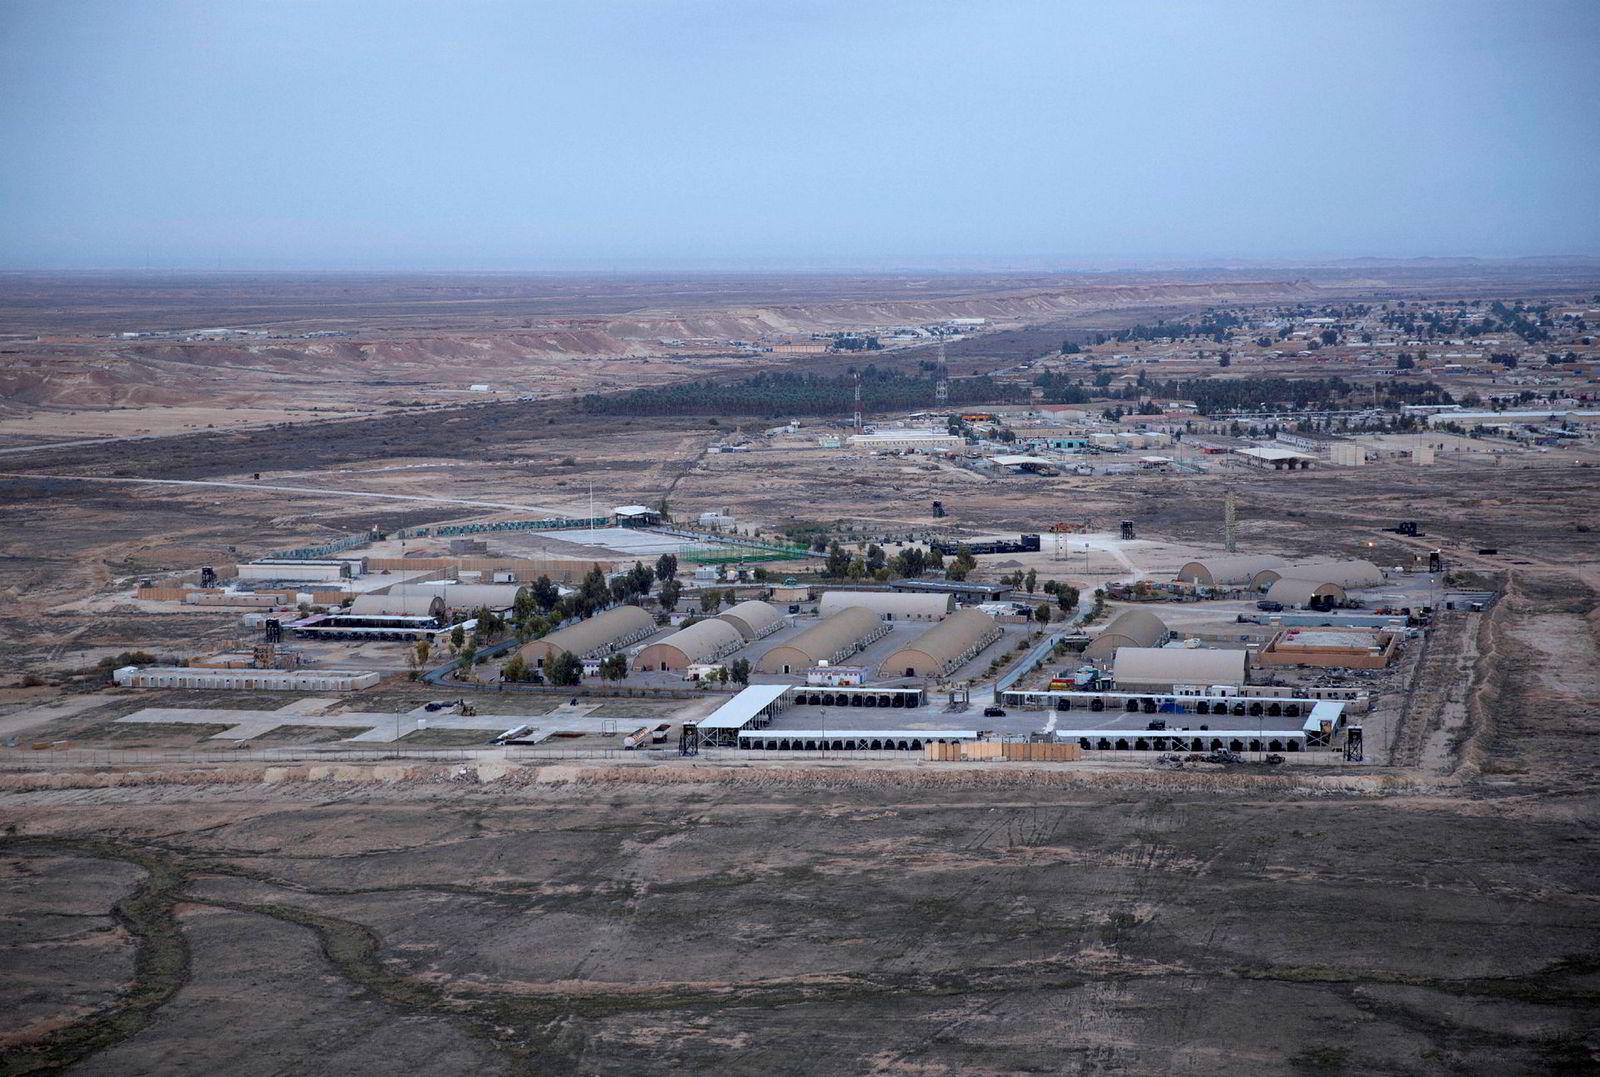 Natt til onsdag avfyrte Revolusjonsgarden i Iran en rekke missiler mot blant annet denne USA-ledede militærbasen, Ain al-Assad vest i landet.